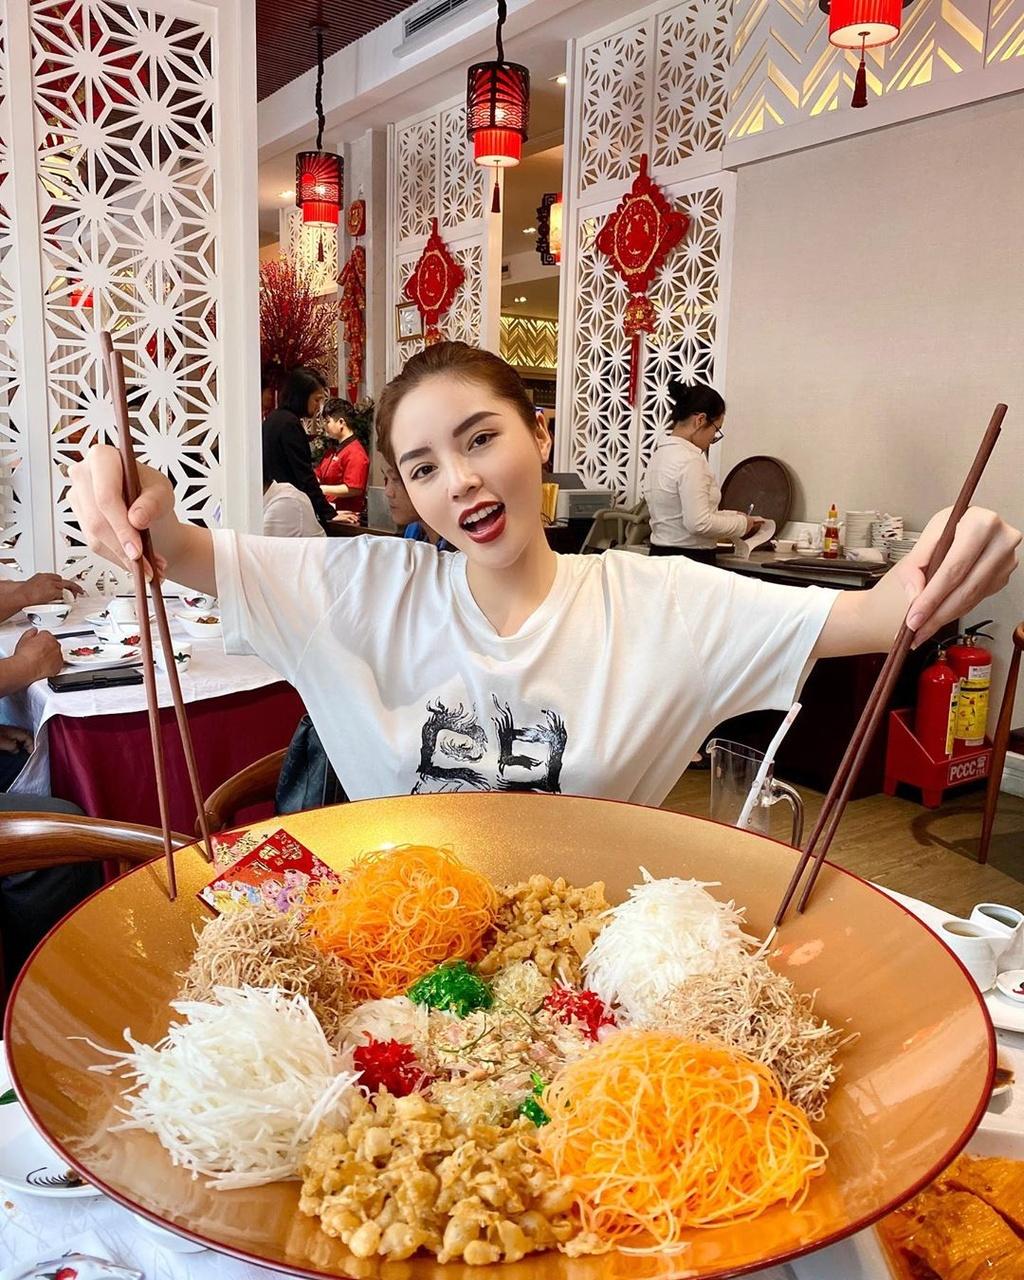 Mon goi ca Yusheng duoc nhieu sao Viet thuong thuc dip dau nam hinh anh 9 82839841_155832759199185_4252107413217979094_n.jpg